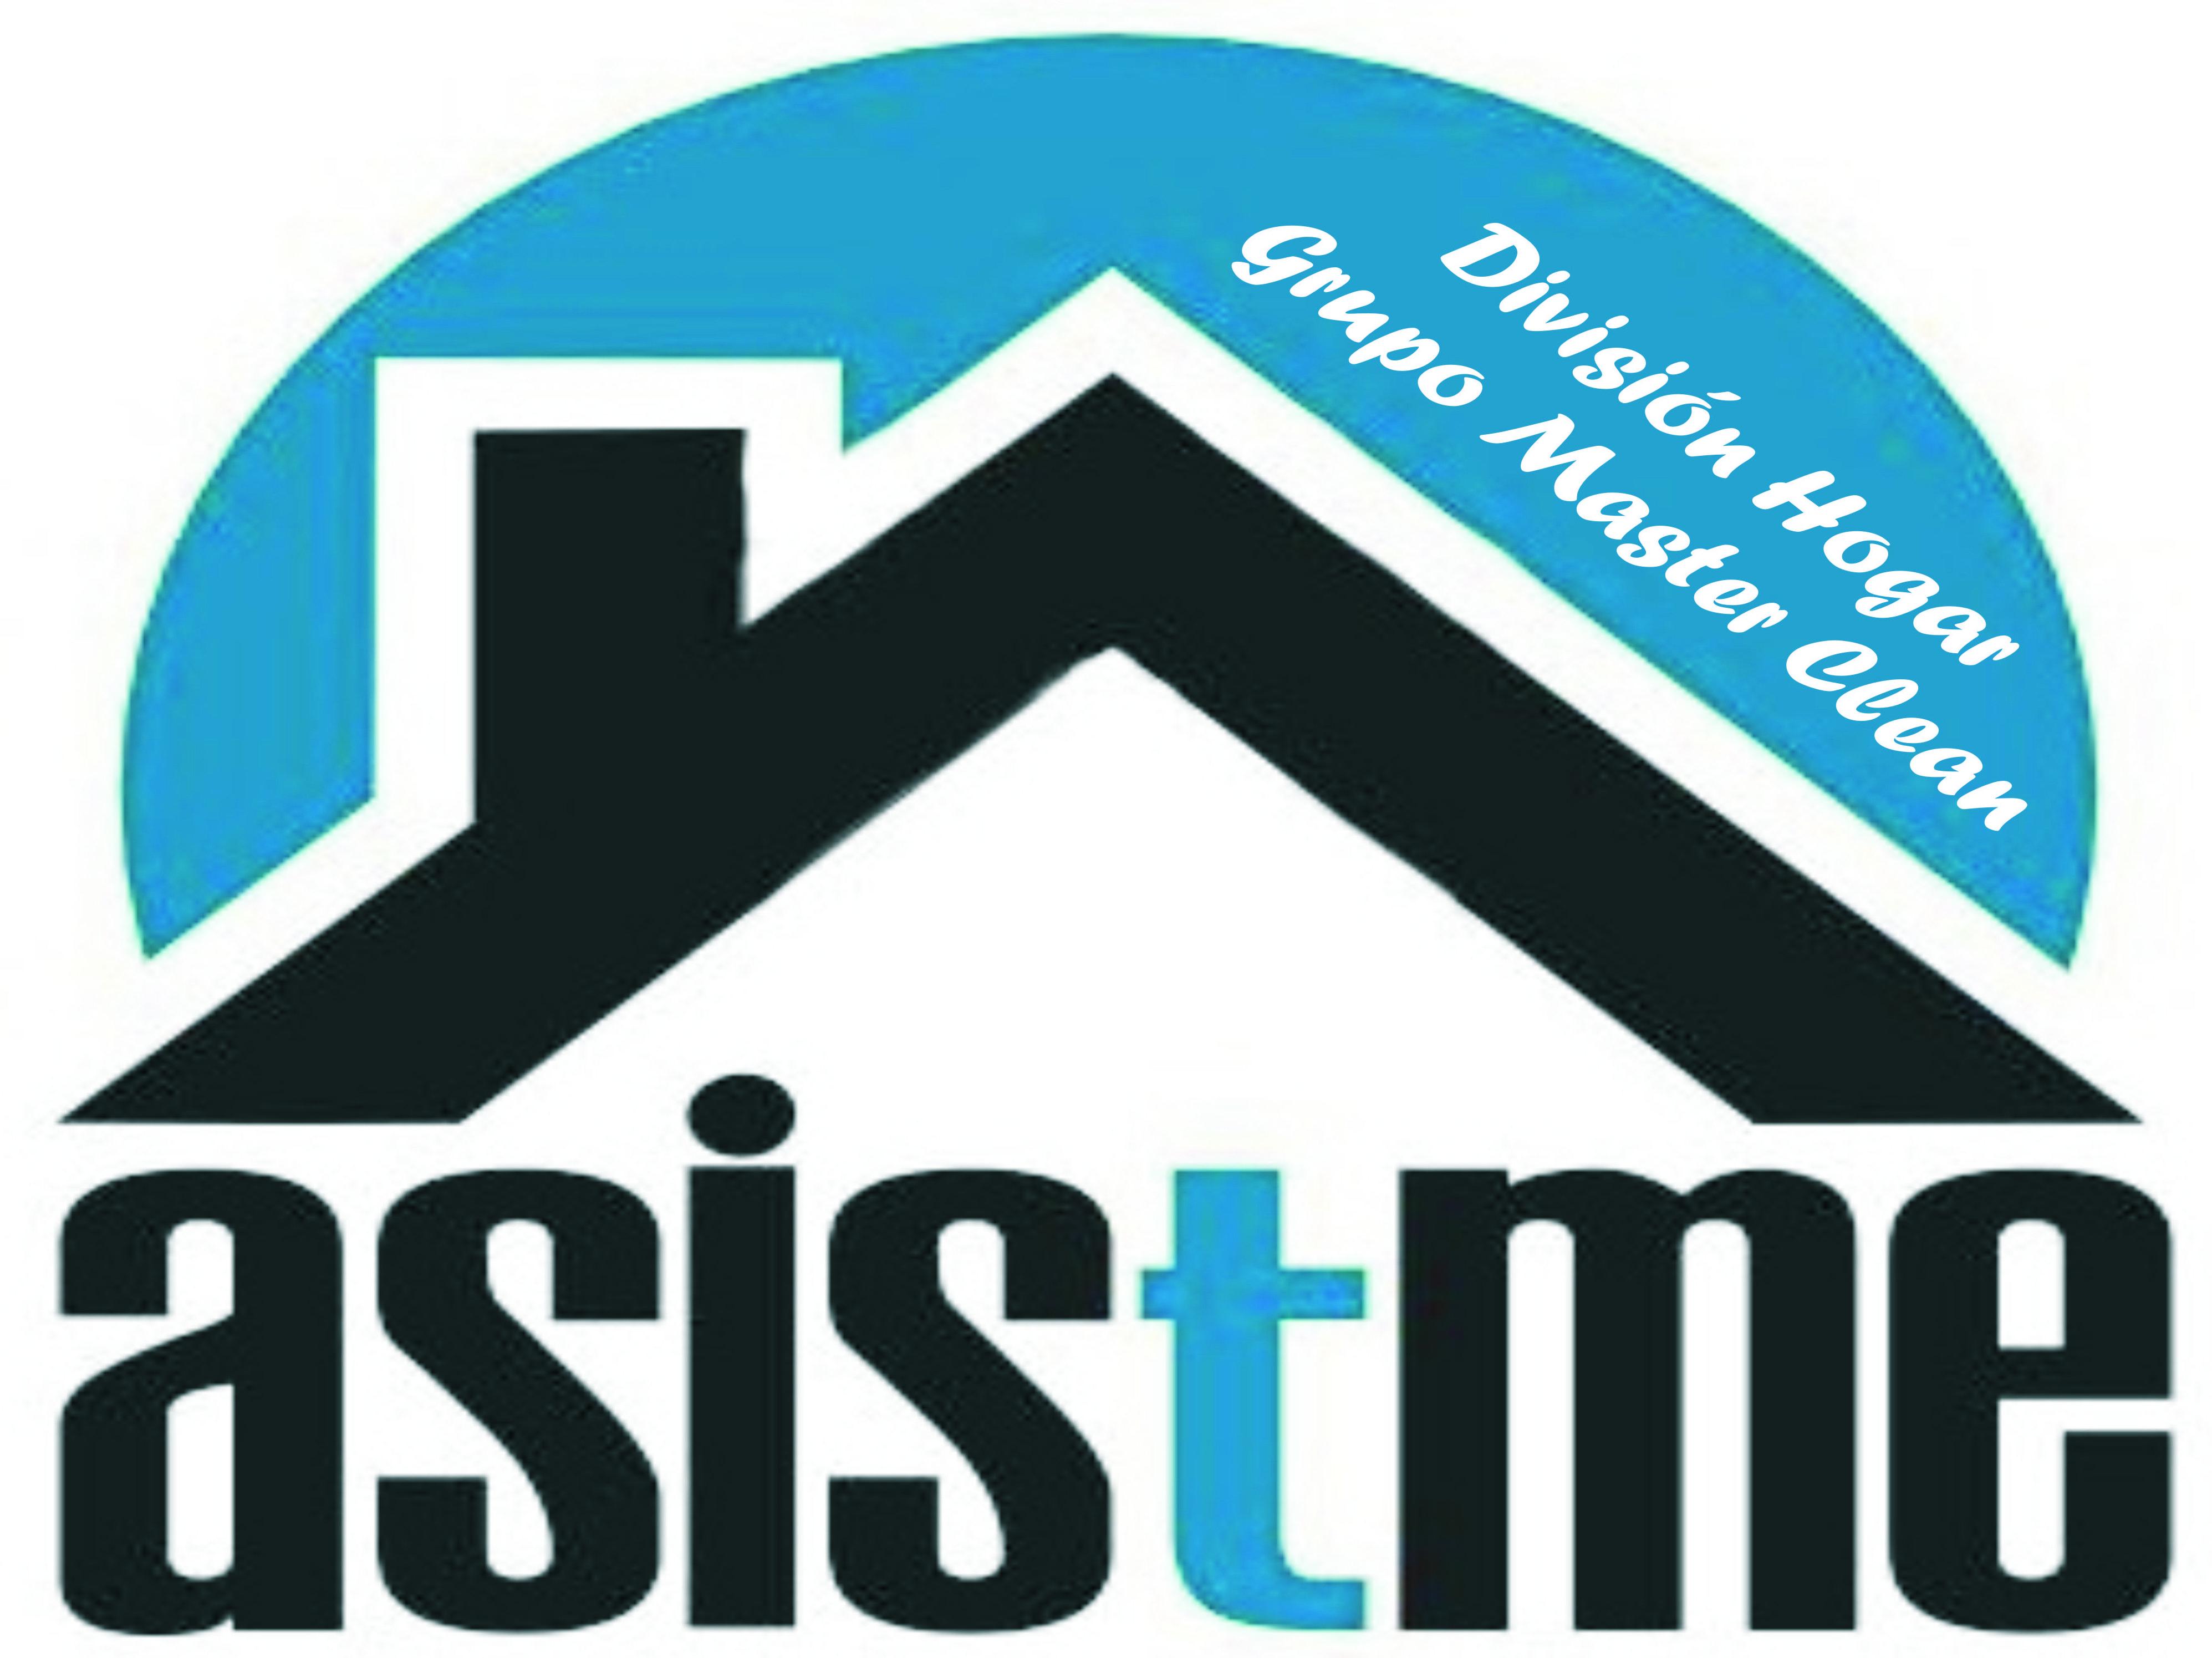 Logo de Asísteme, División Hogar de Master Clean S.L.